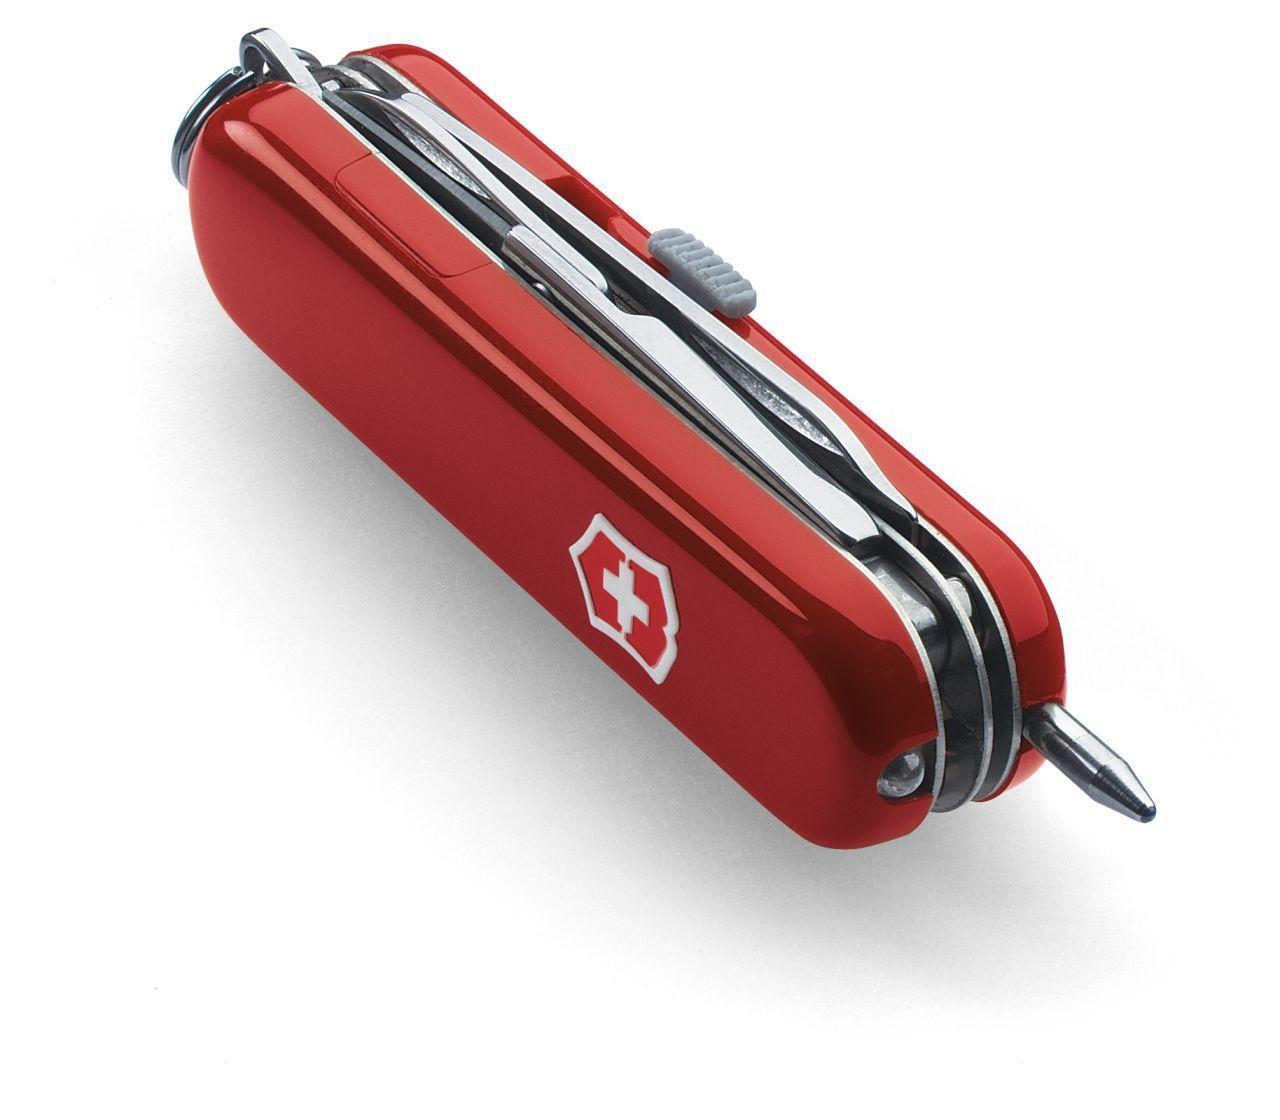 Mini Canivete Suíço Midnite Manager Victorinox com caneta e lanterna 10 funções Original 0.6366  - Mix Eletro